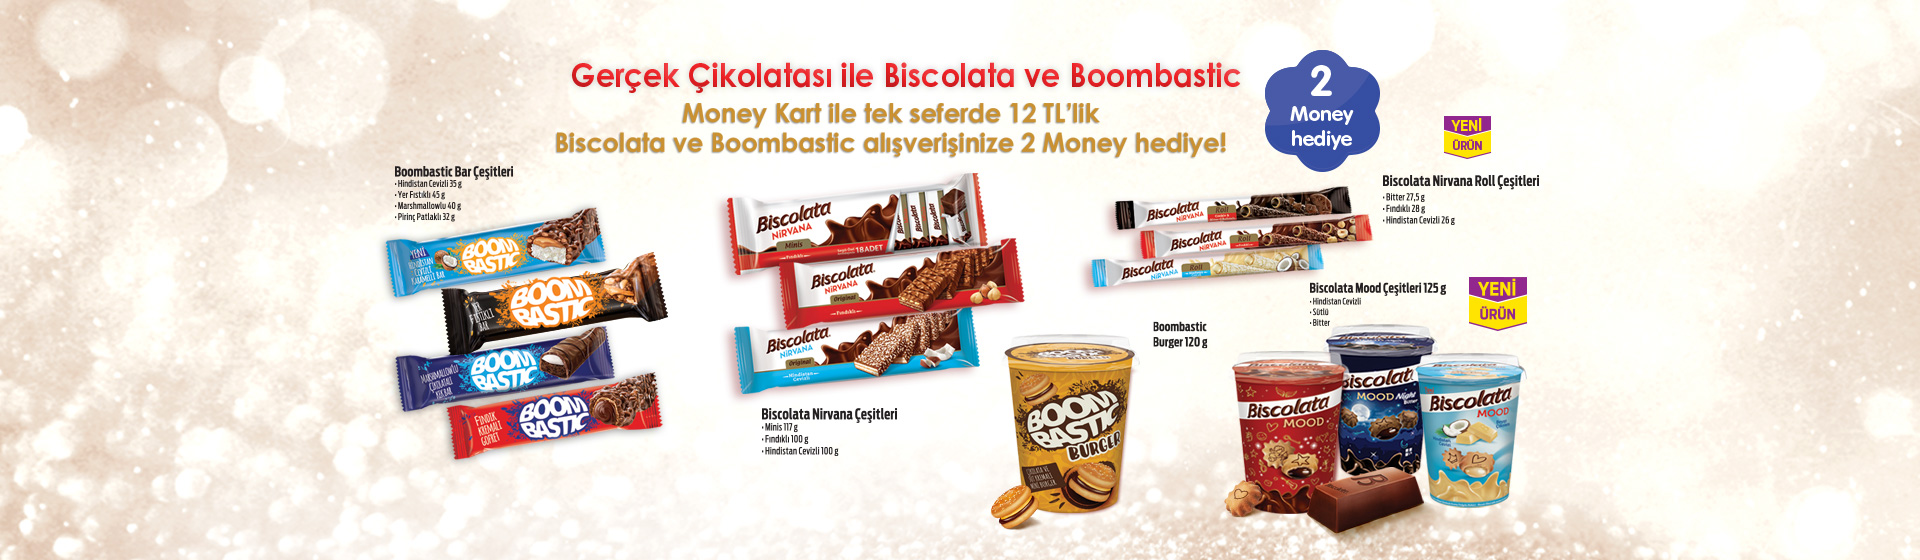 Biscolata ve Boombastic Money Kampanyası